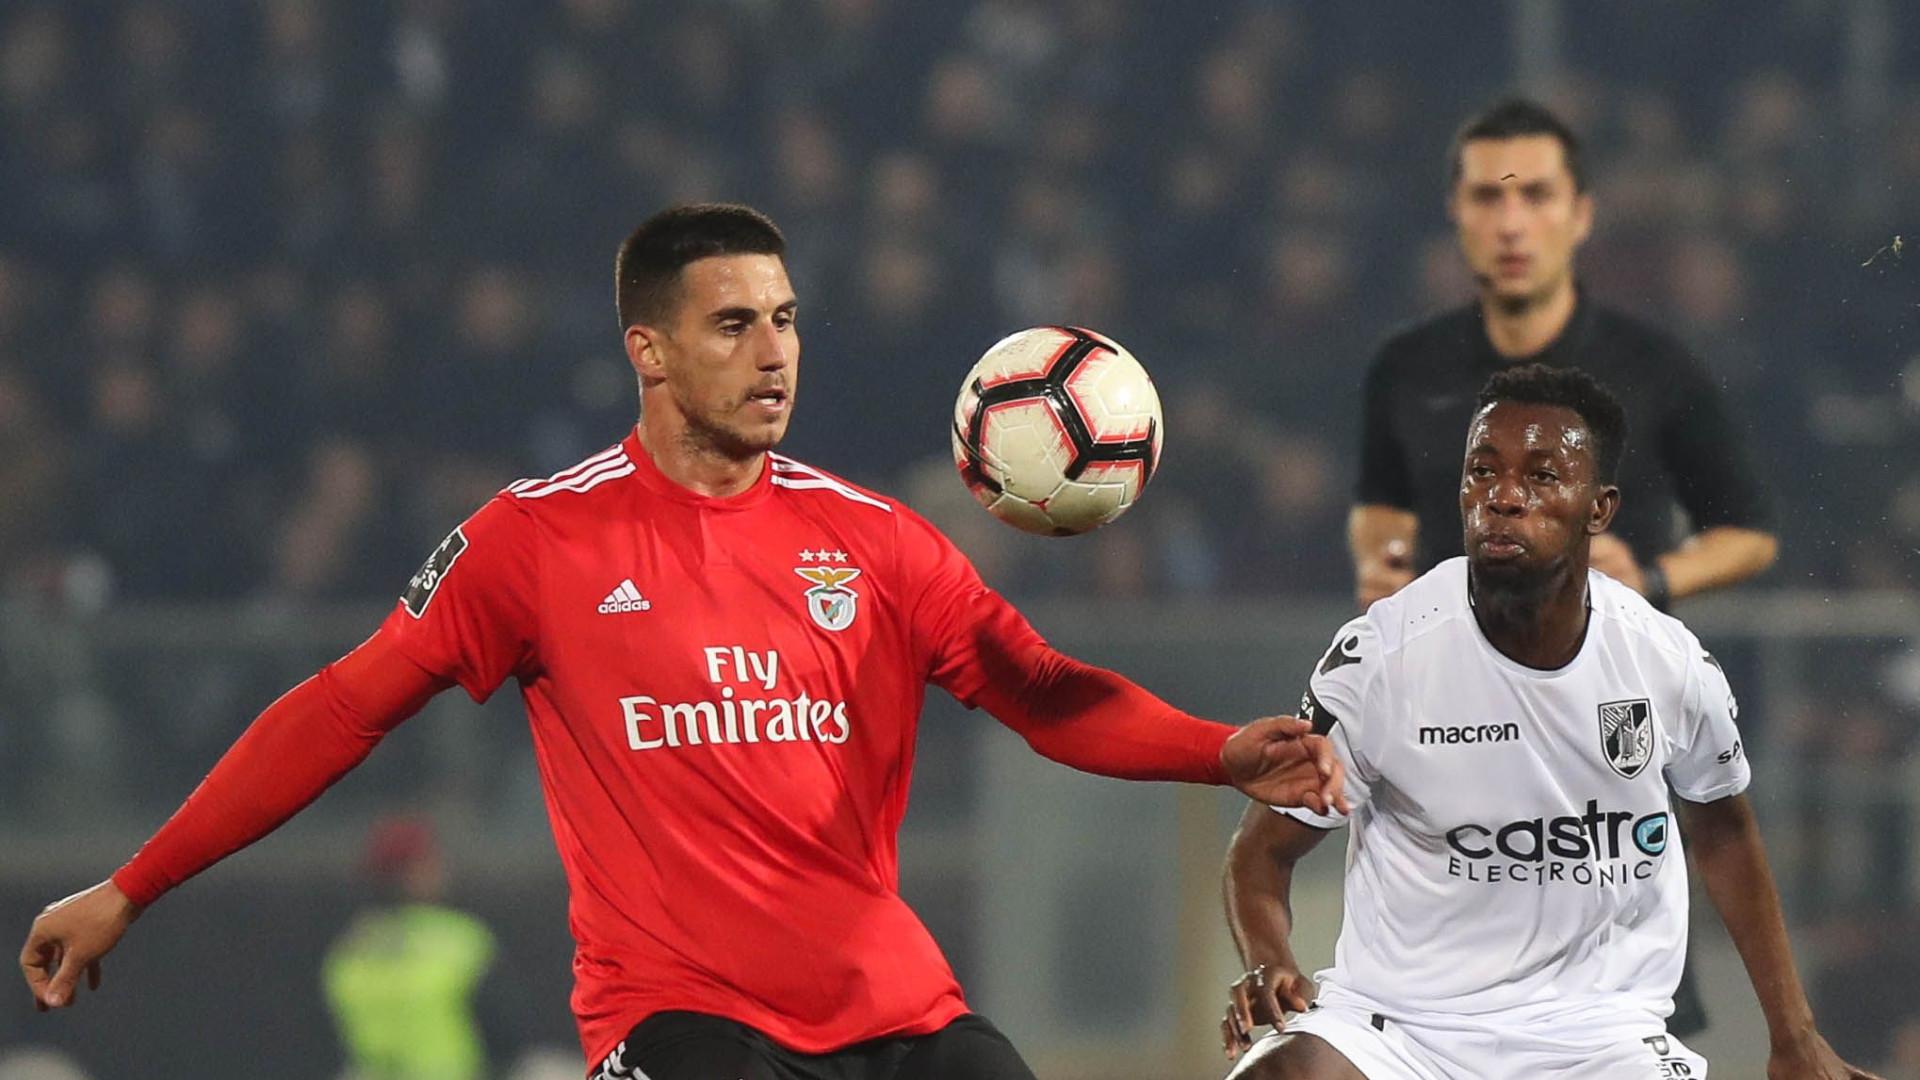 Gabriel garante que o Benfica já ultrapassou a derrota com o FC Porto e  explica o que mudou com a chegada de Bruno Lage ao comando técnico da  equipa. d7f57364a147c